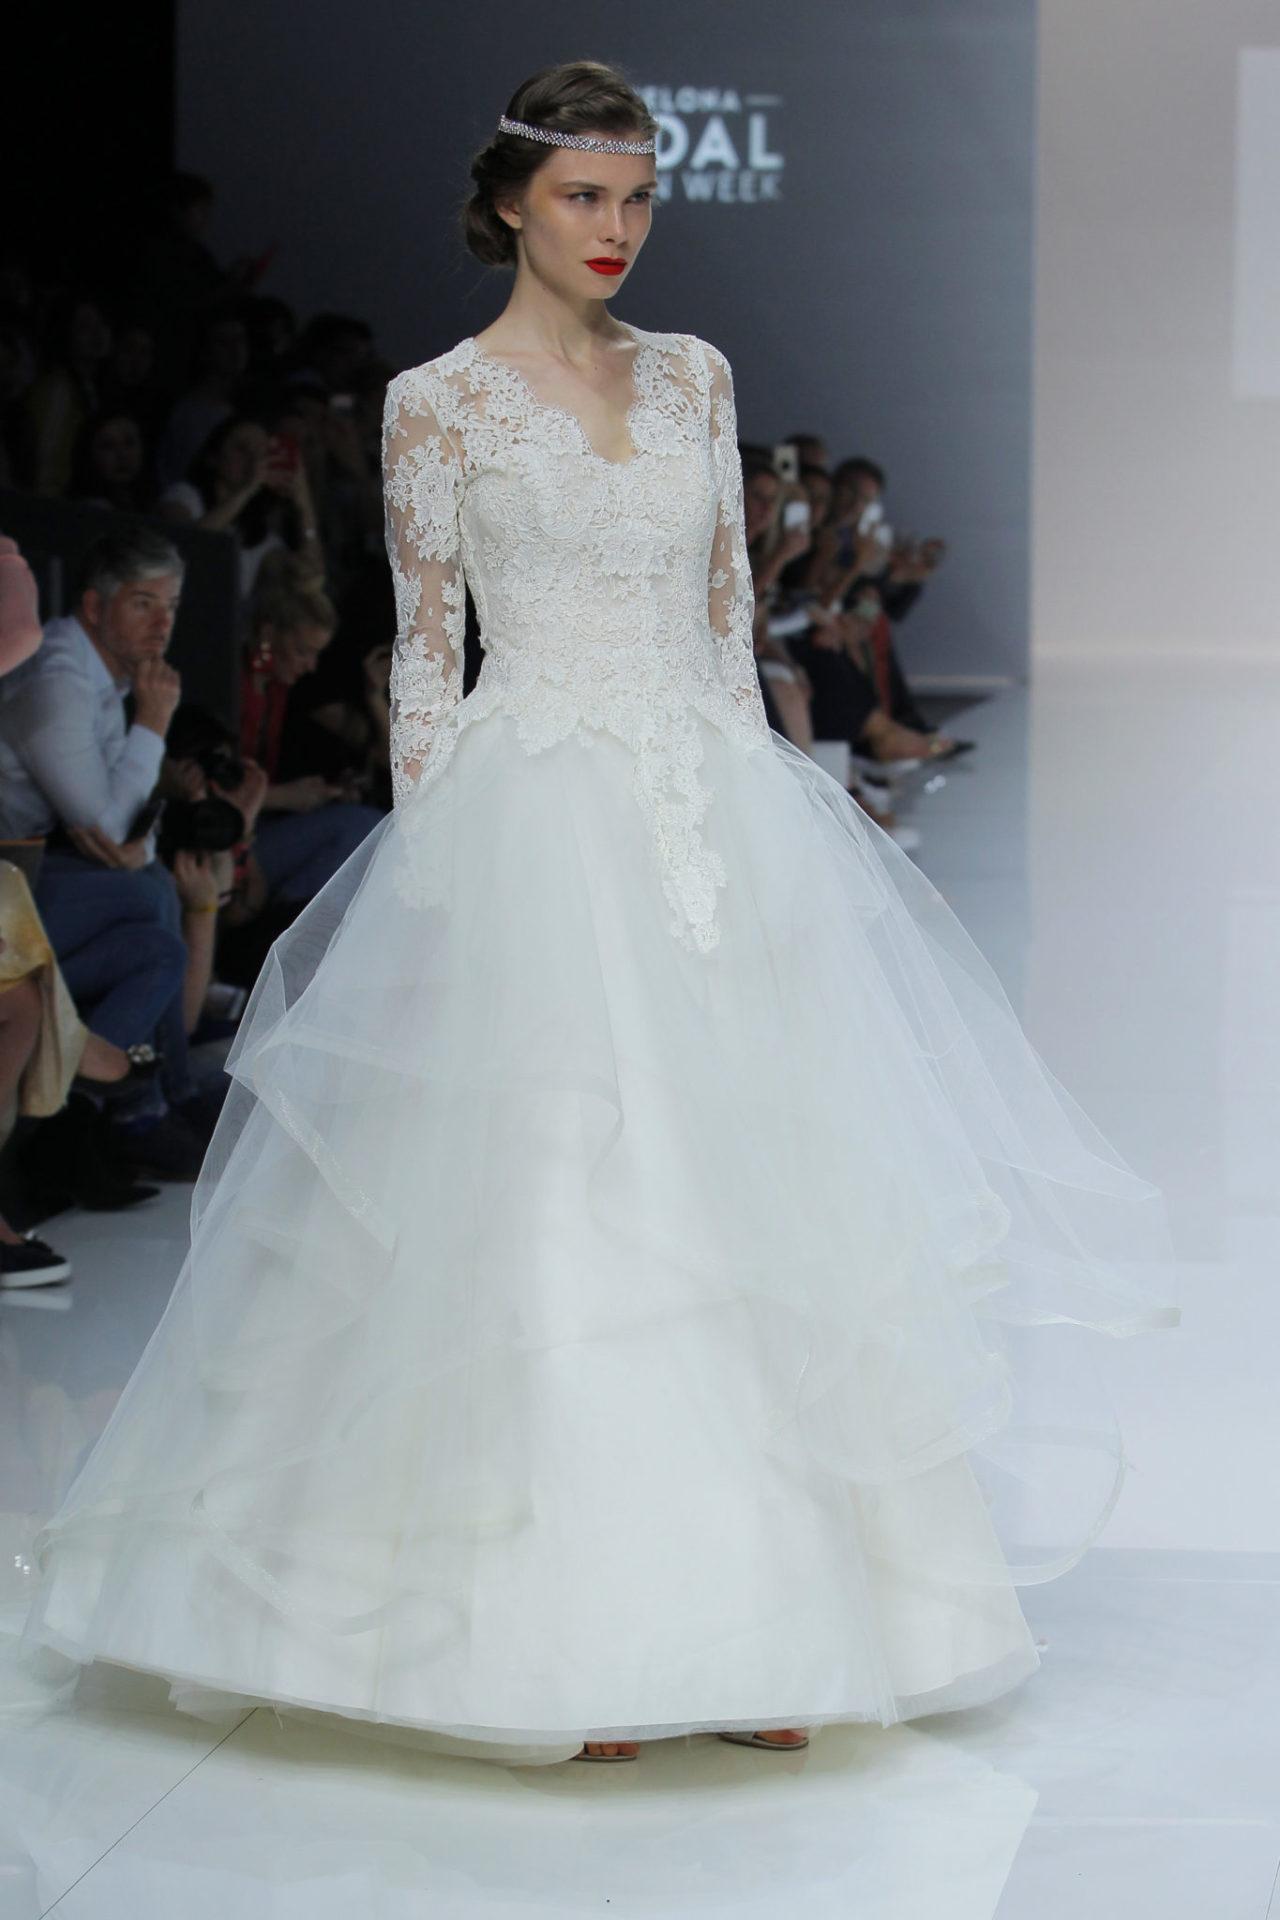 Lucas Anderi pour Cymbeline - Cymbeline - Robes de mariée - Collection 2020